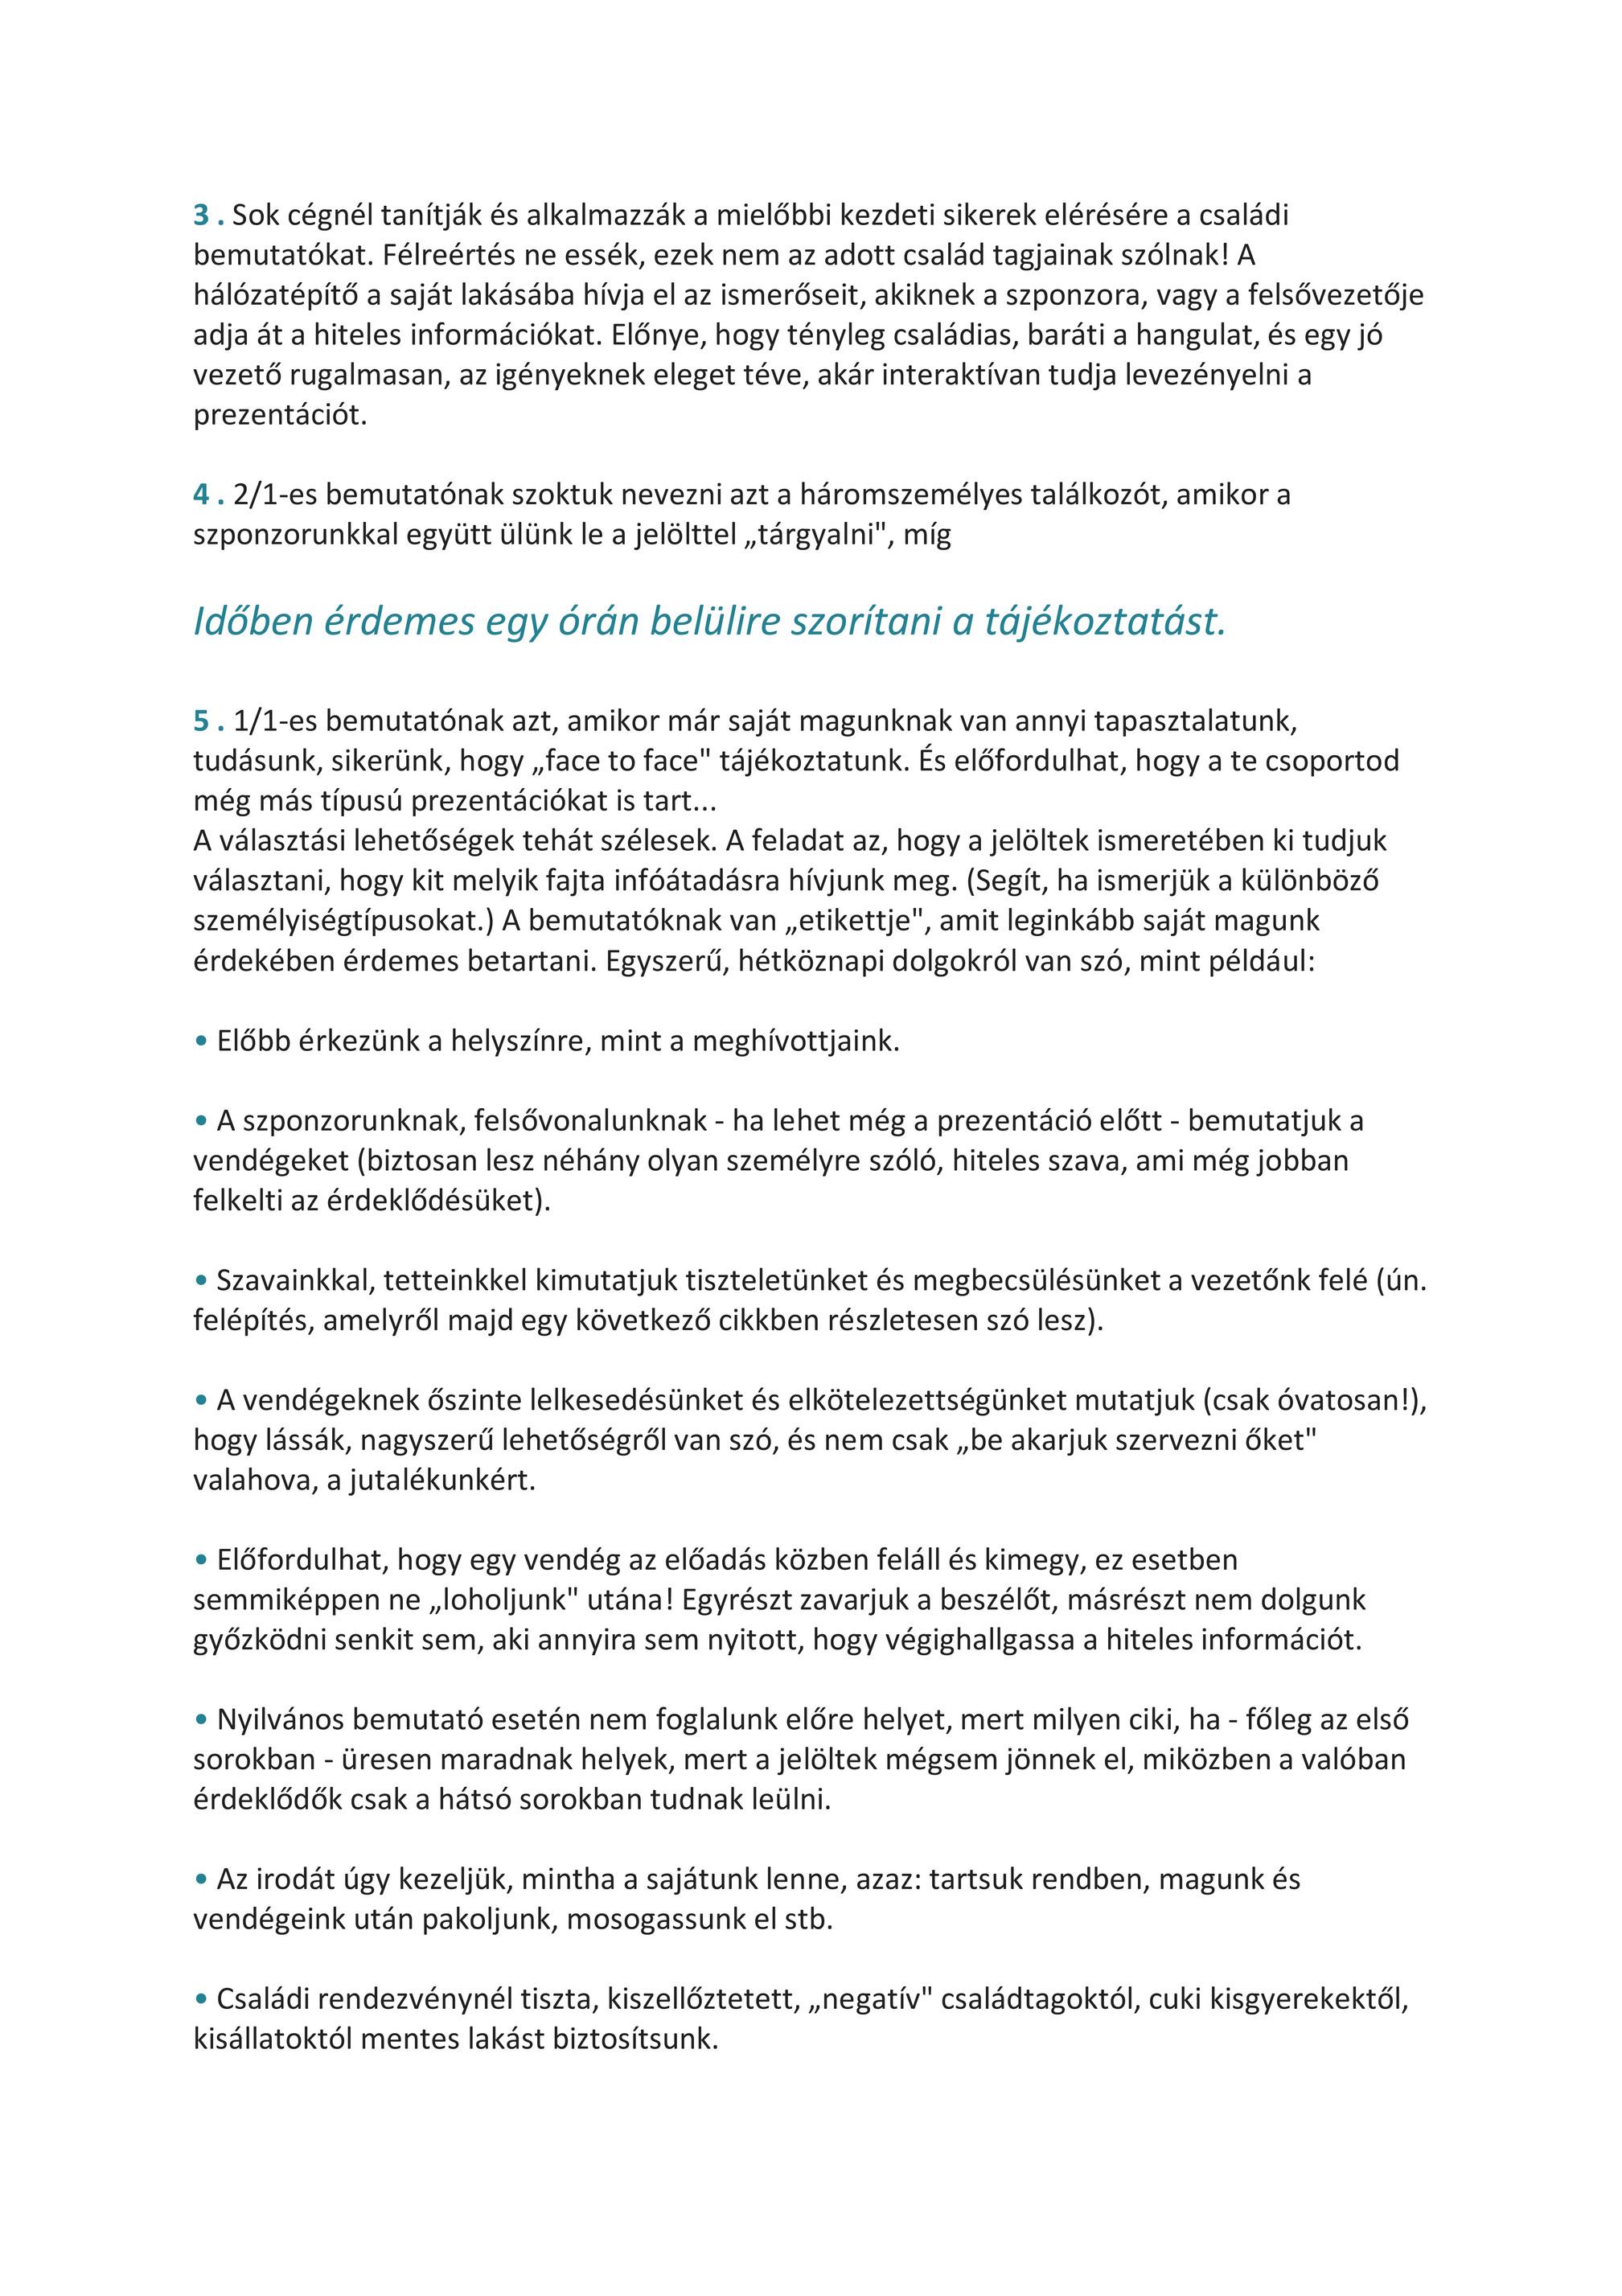 profiaudio.hu - Bemutatókészítési alapismeretek (Powerpoint)